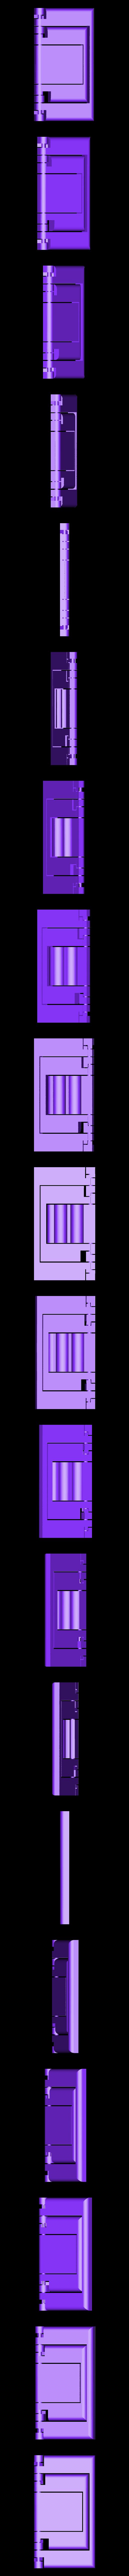 Parametric_Phone_Stand.stl Télécharger fichier STL gratuit Support de téléphone paramétrique pliable • Plan pour impression 3D, Zippityboomba